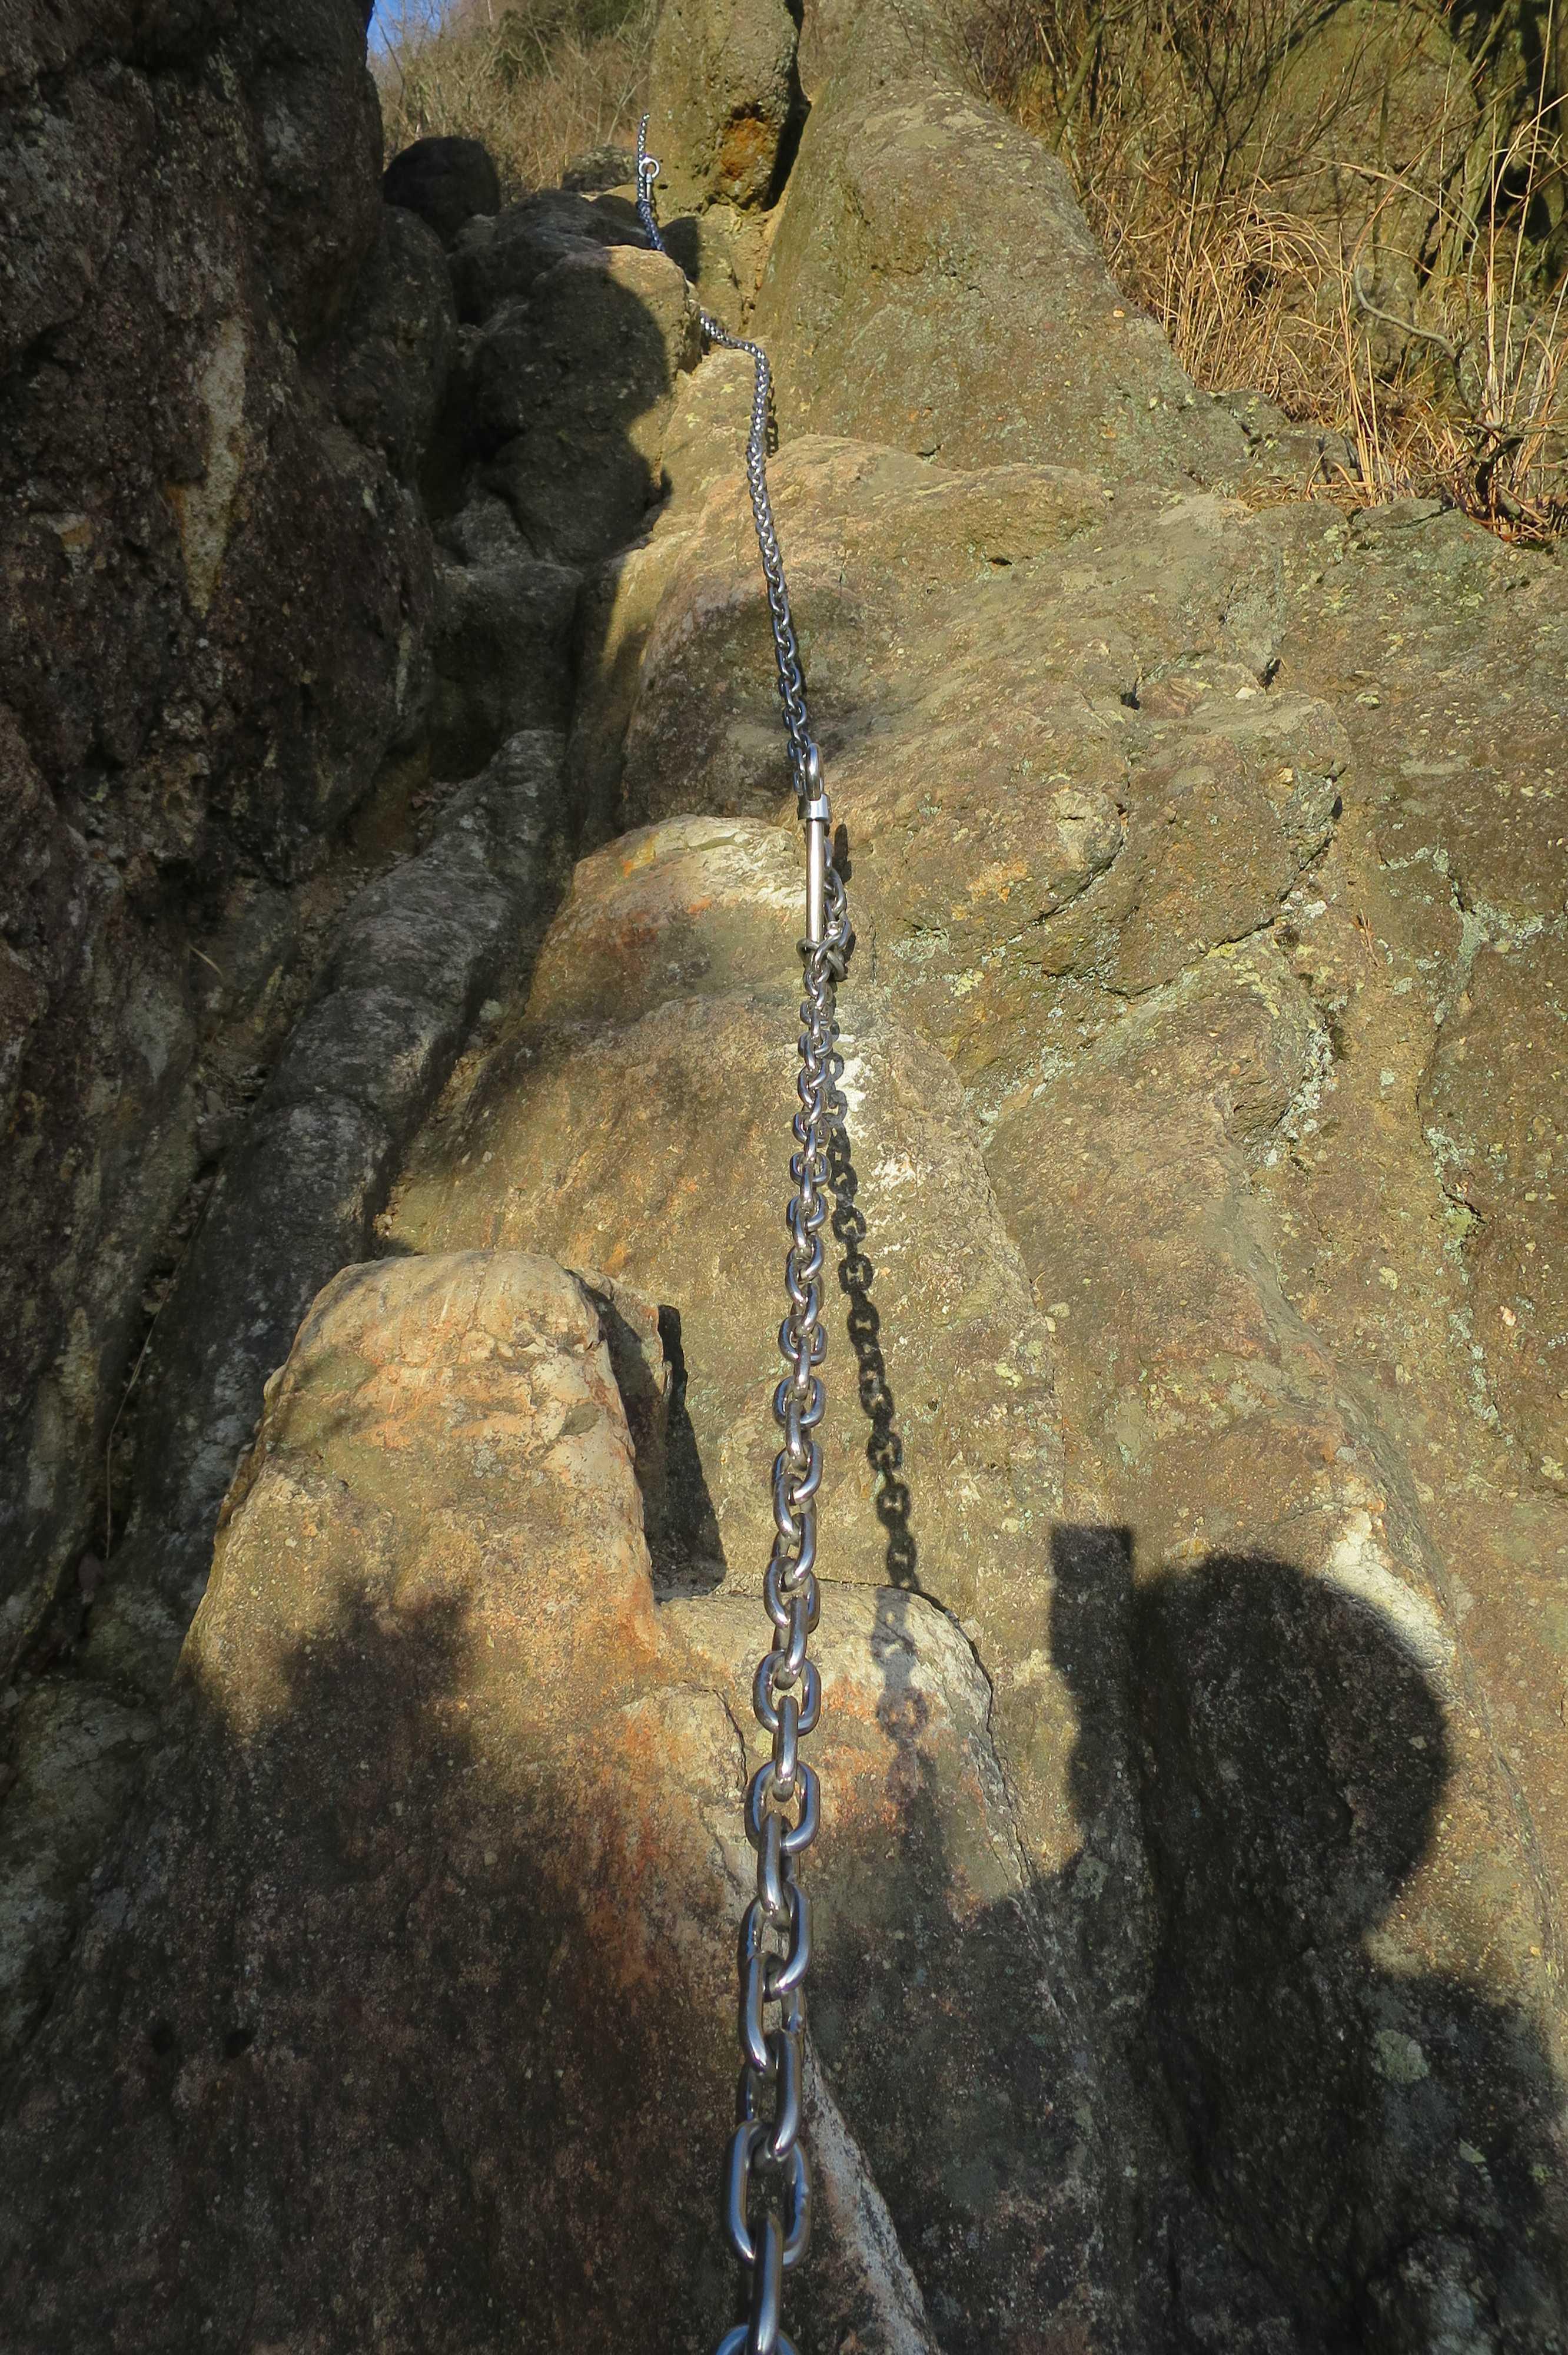 すごい角度の岩場 - 奥の院捨身ヶ嶽禅定